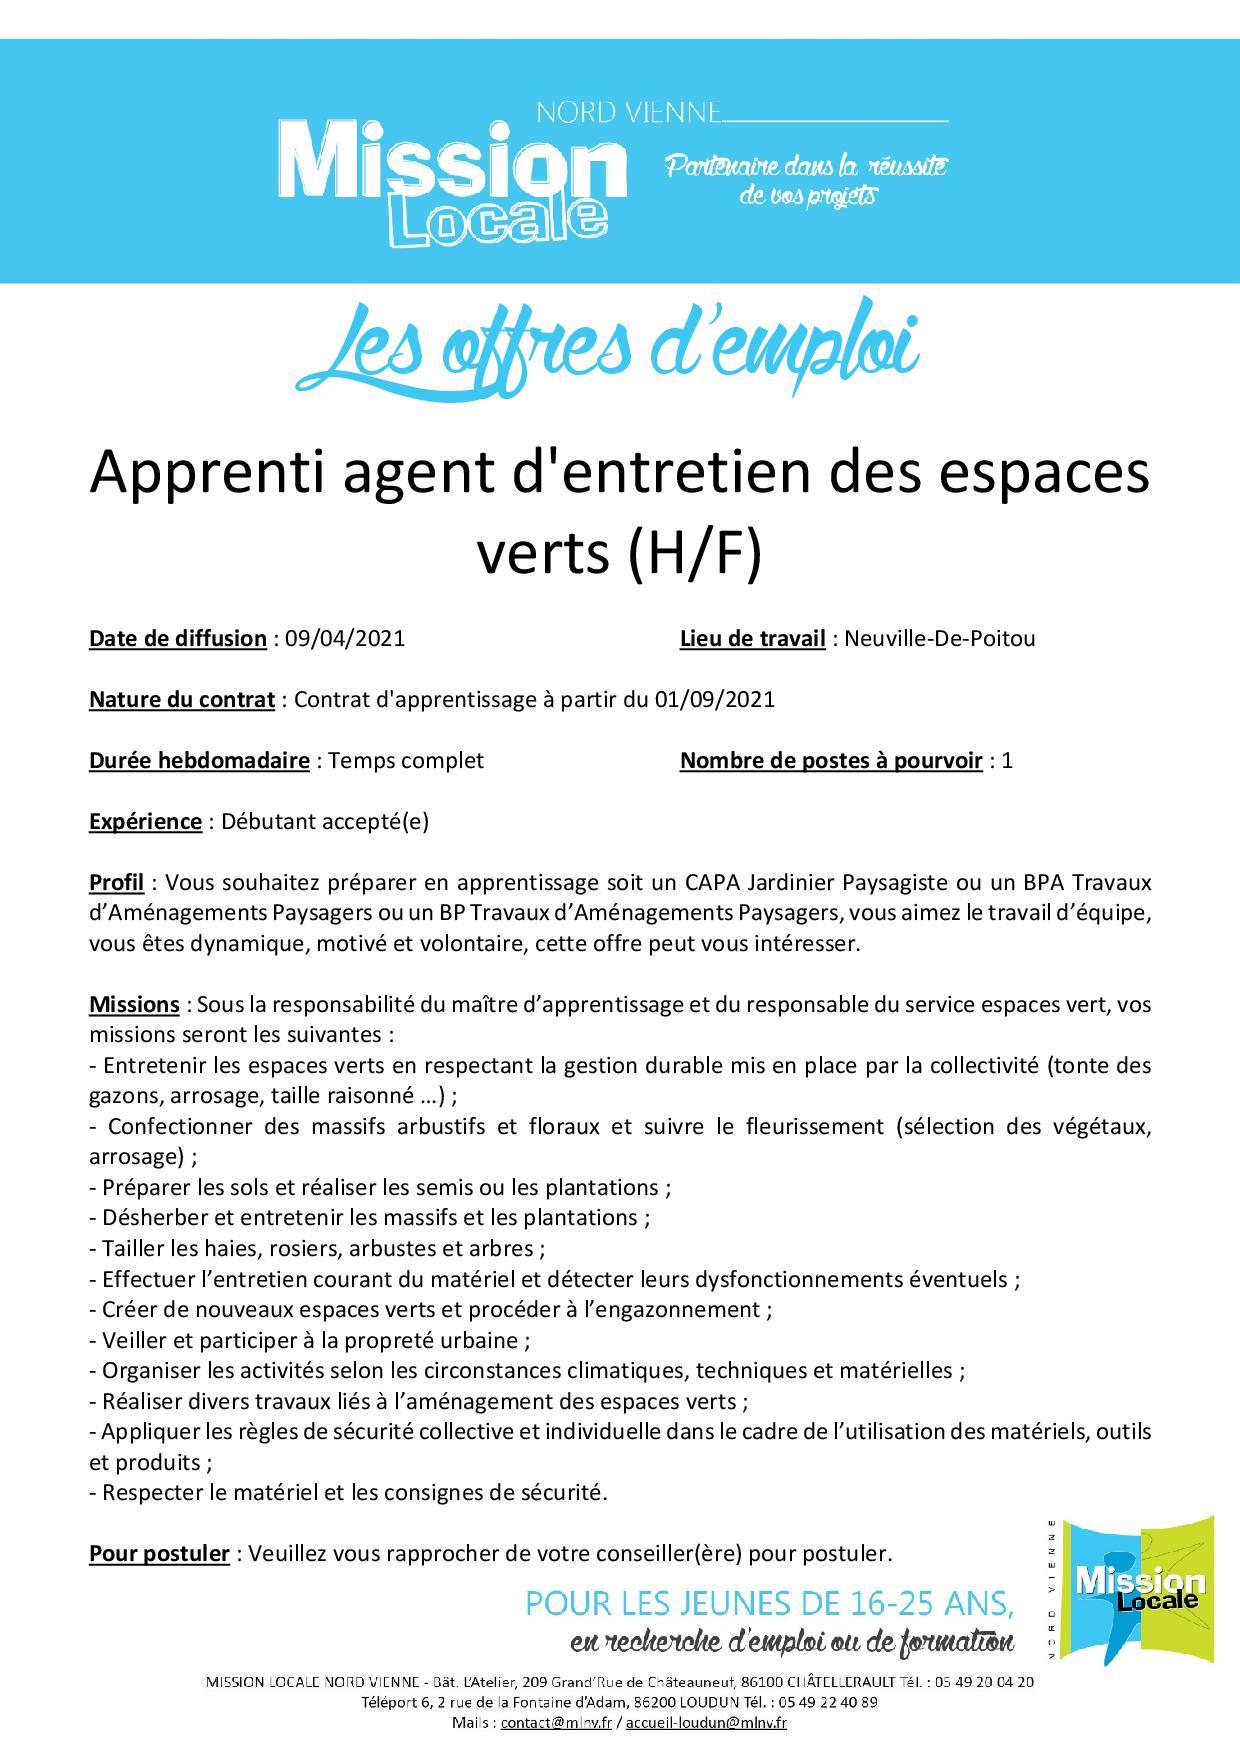 Apprenti agent d'entretien des espaces verts (H/F)